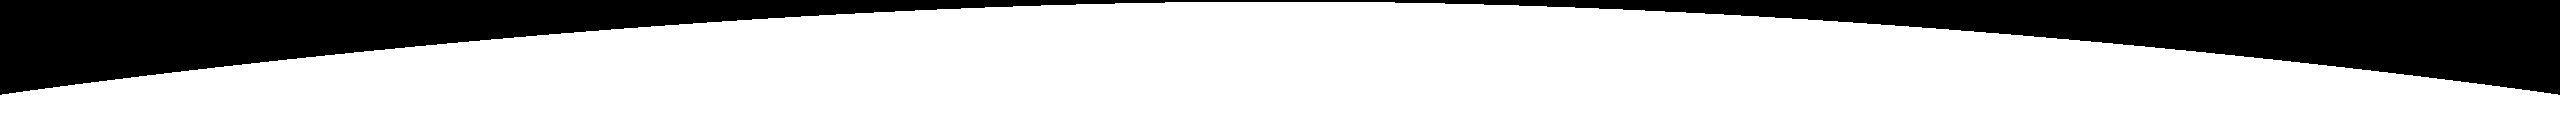 Swoosh white invertedtop%402x